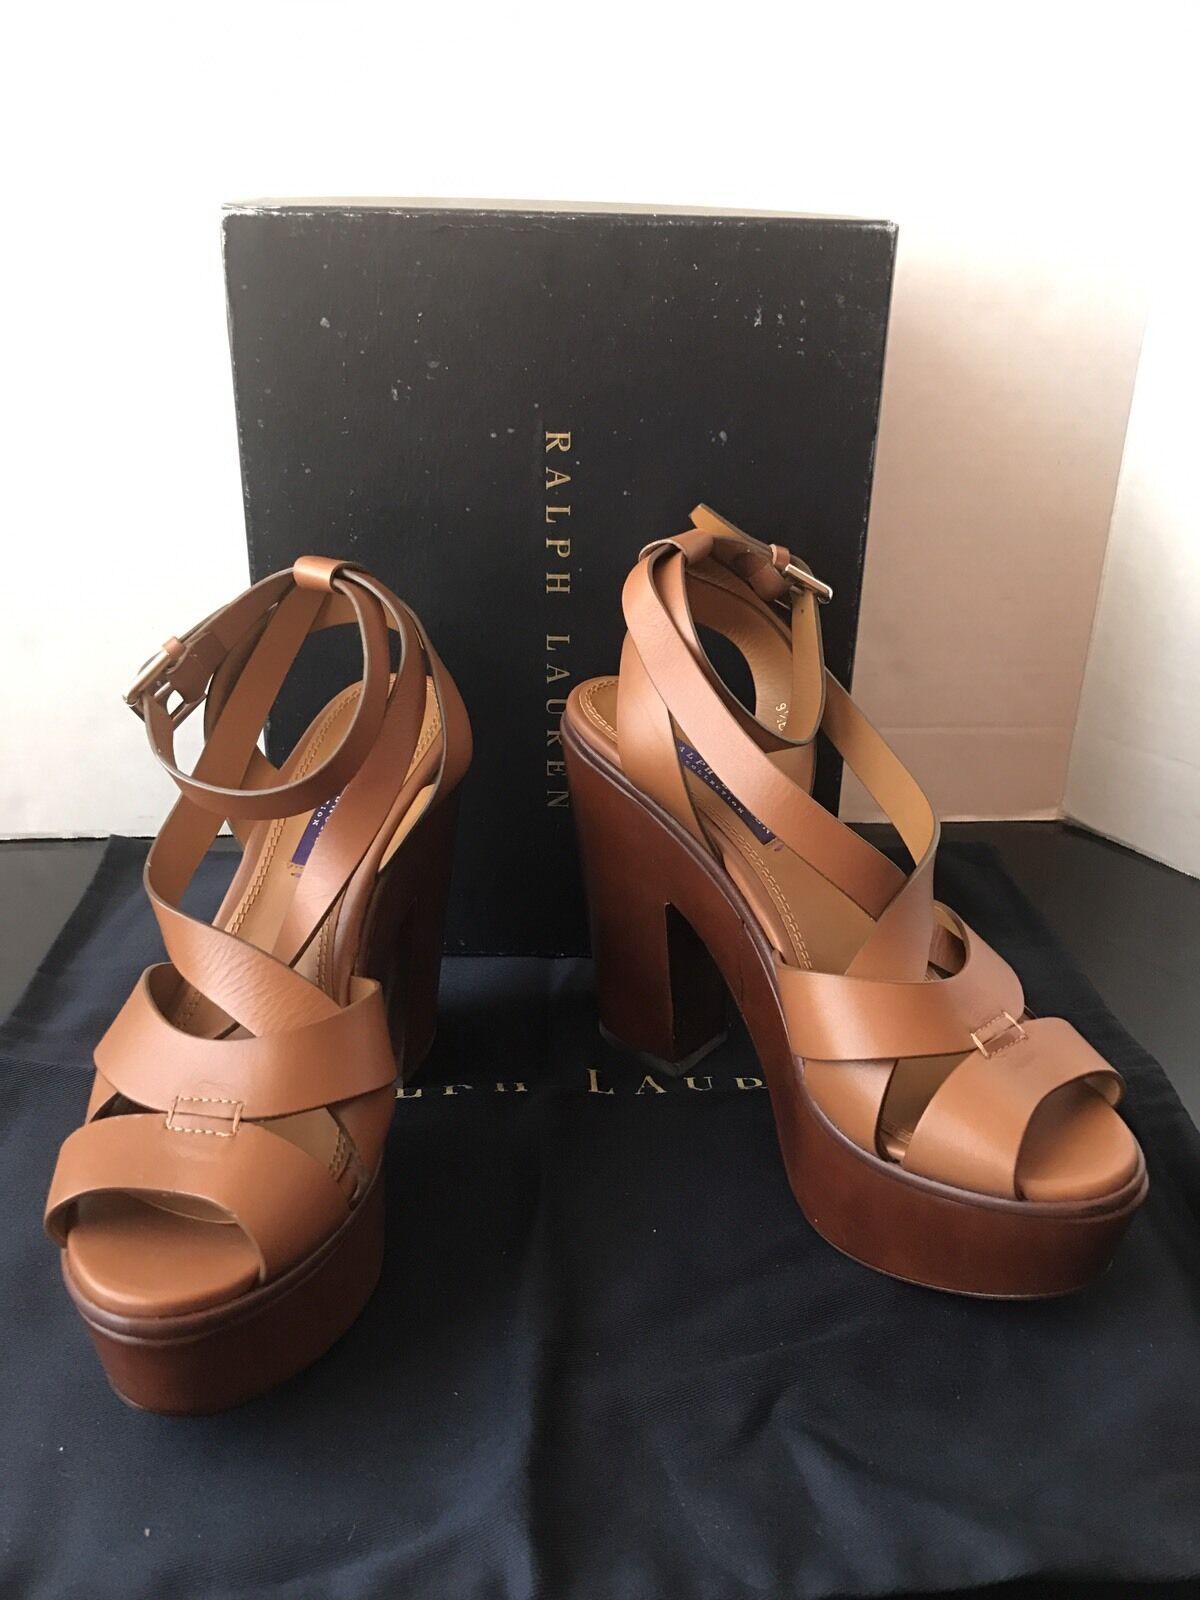 miglior prezzo Ralph Lauren Collection oro Calf Leather Alecia Alecia Alecia  Platform Sandals New  795 9.5  consegna veloce